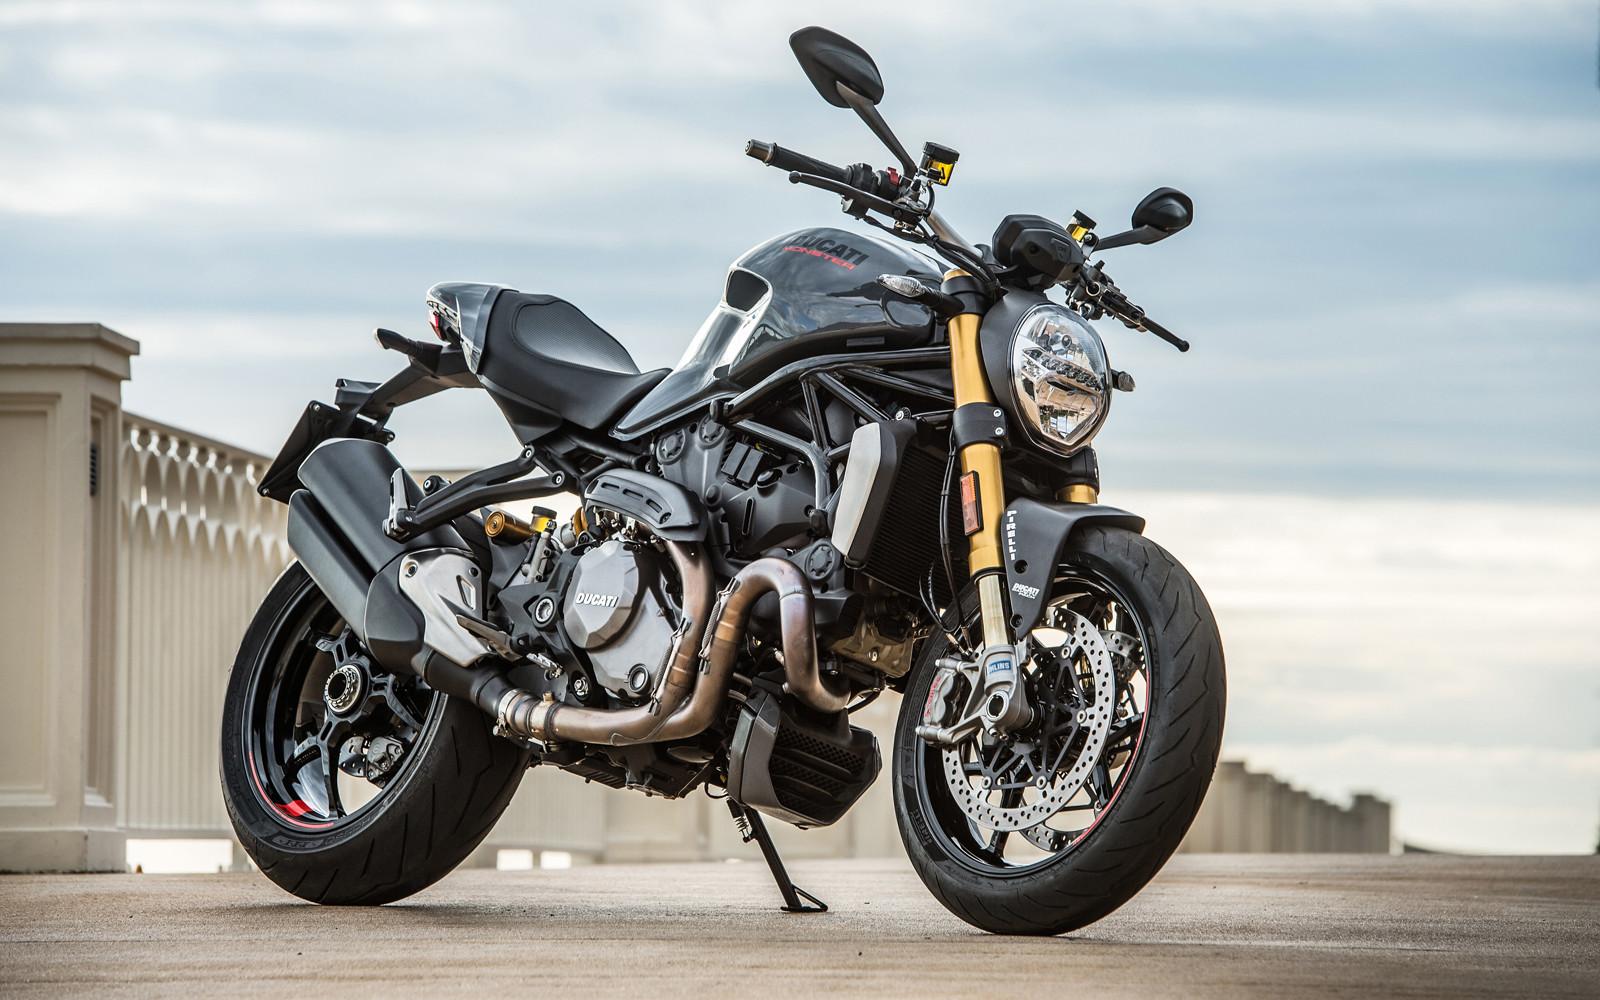 VW  снова рассматривает возможность продажи производителя мотоциклов Ducati